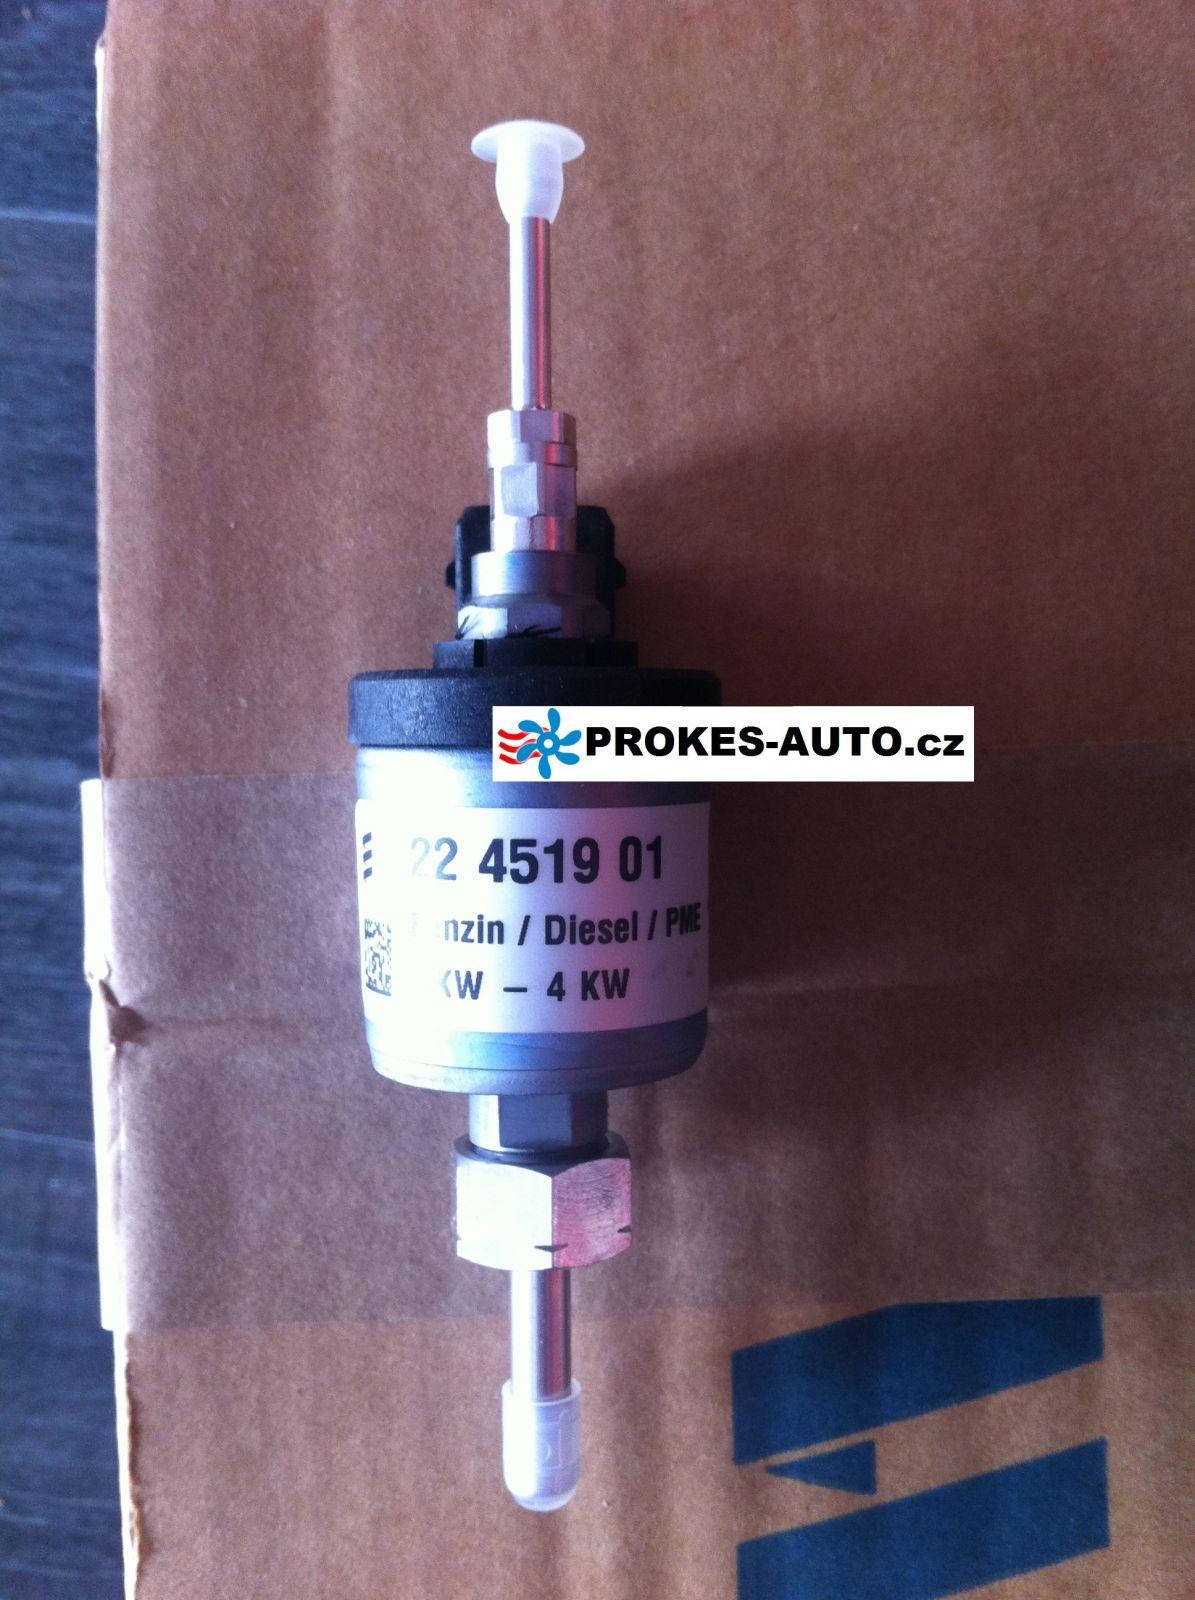 Eberspächer Dosierpumpe Airtronic D2 / D4 12V 224519010000 / 22451901